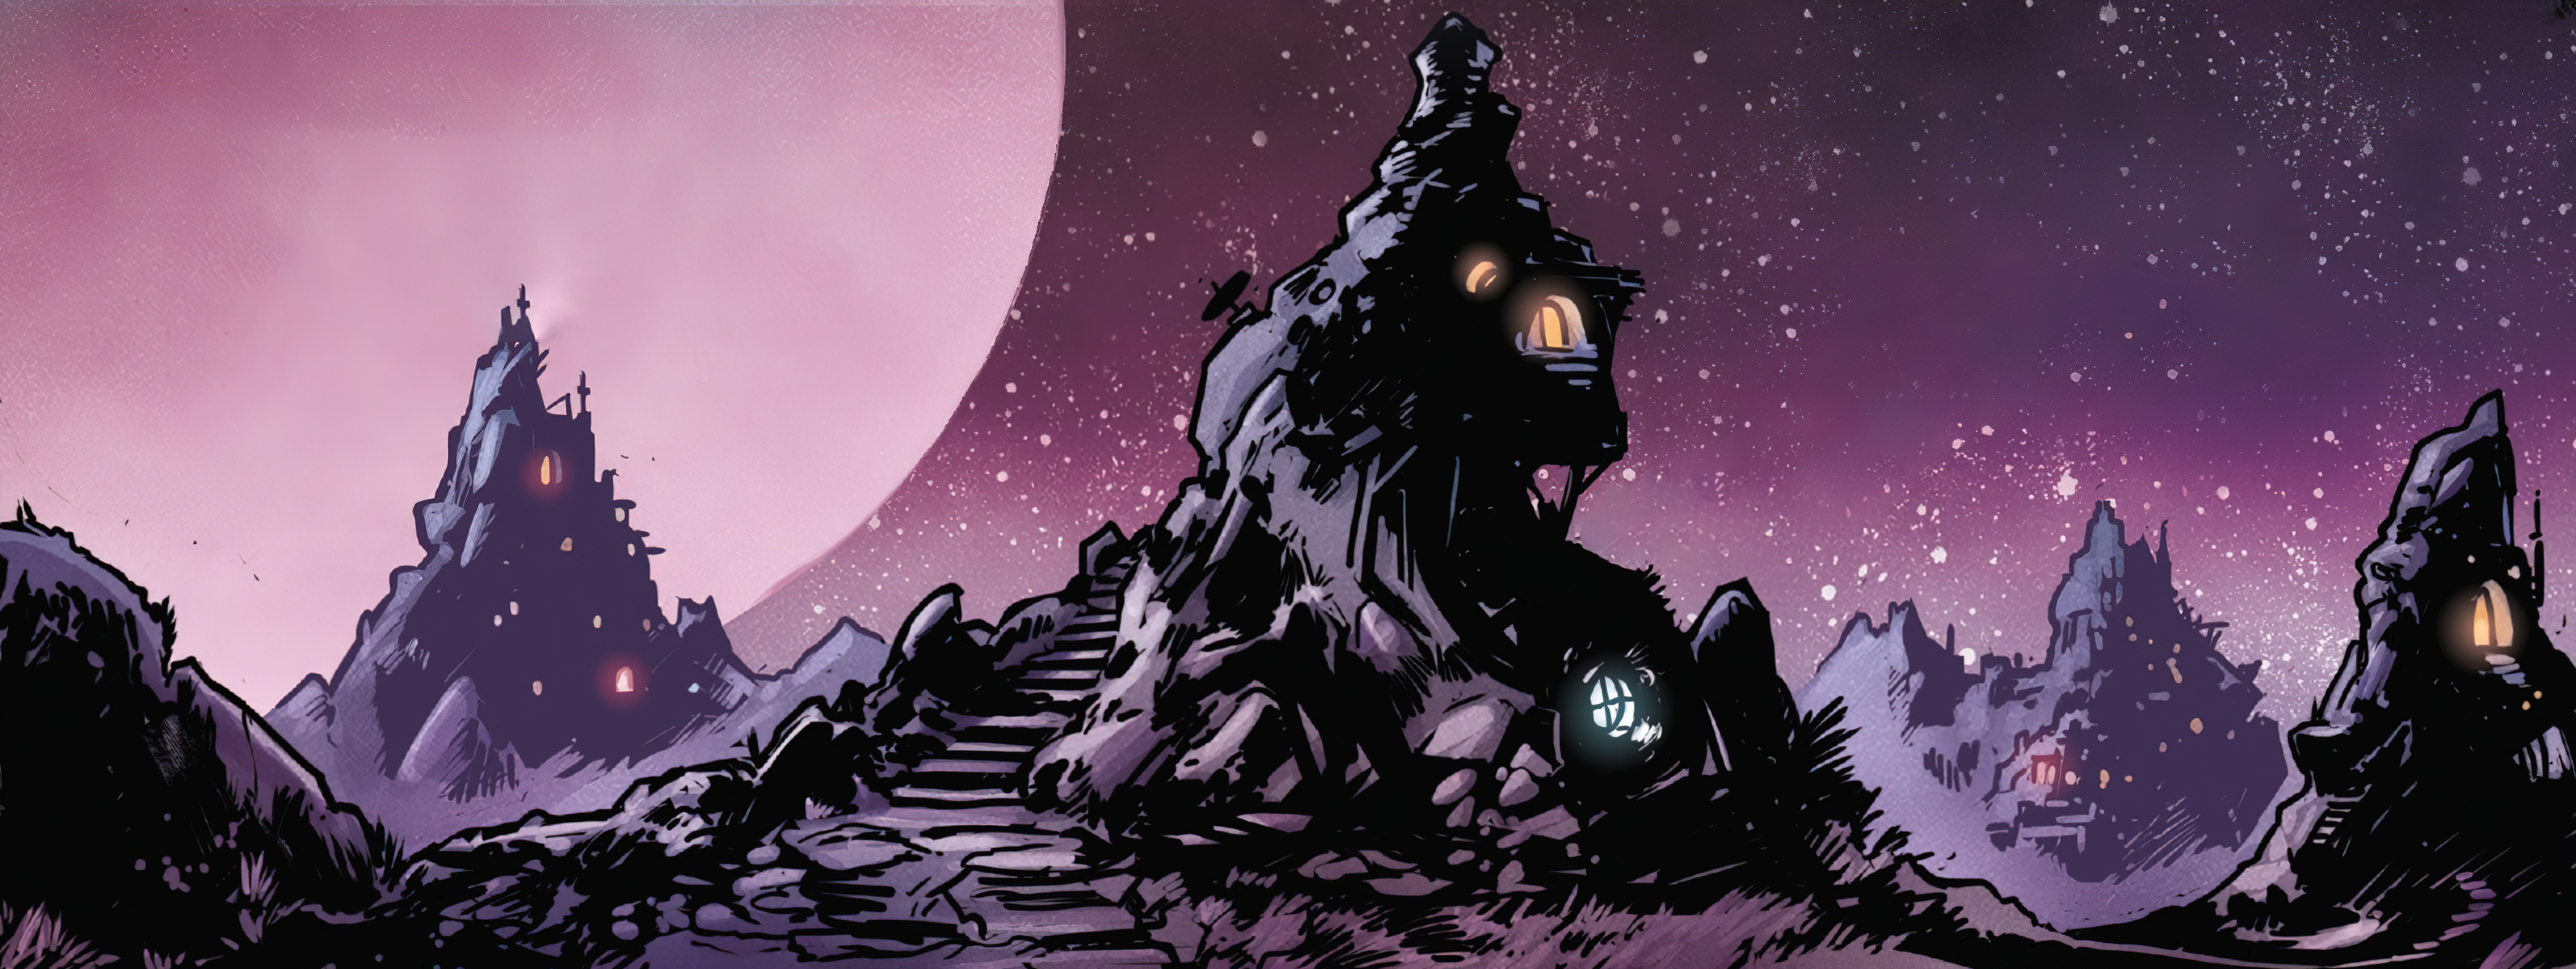 Second Moon of Thrinittik